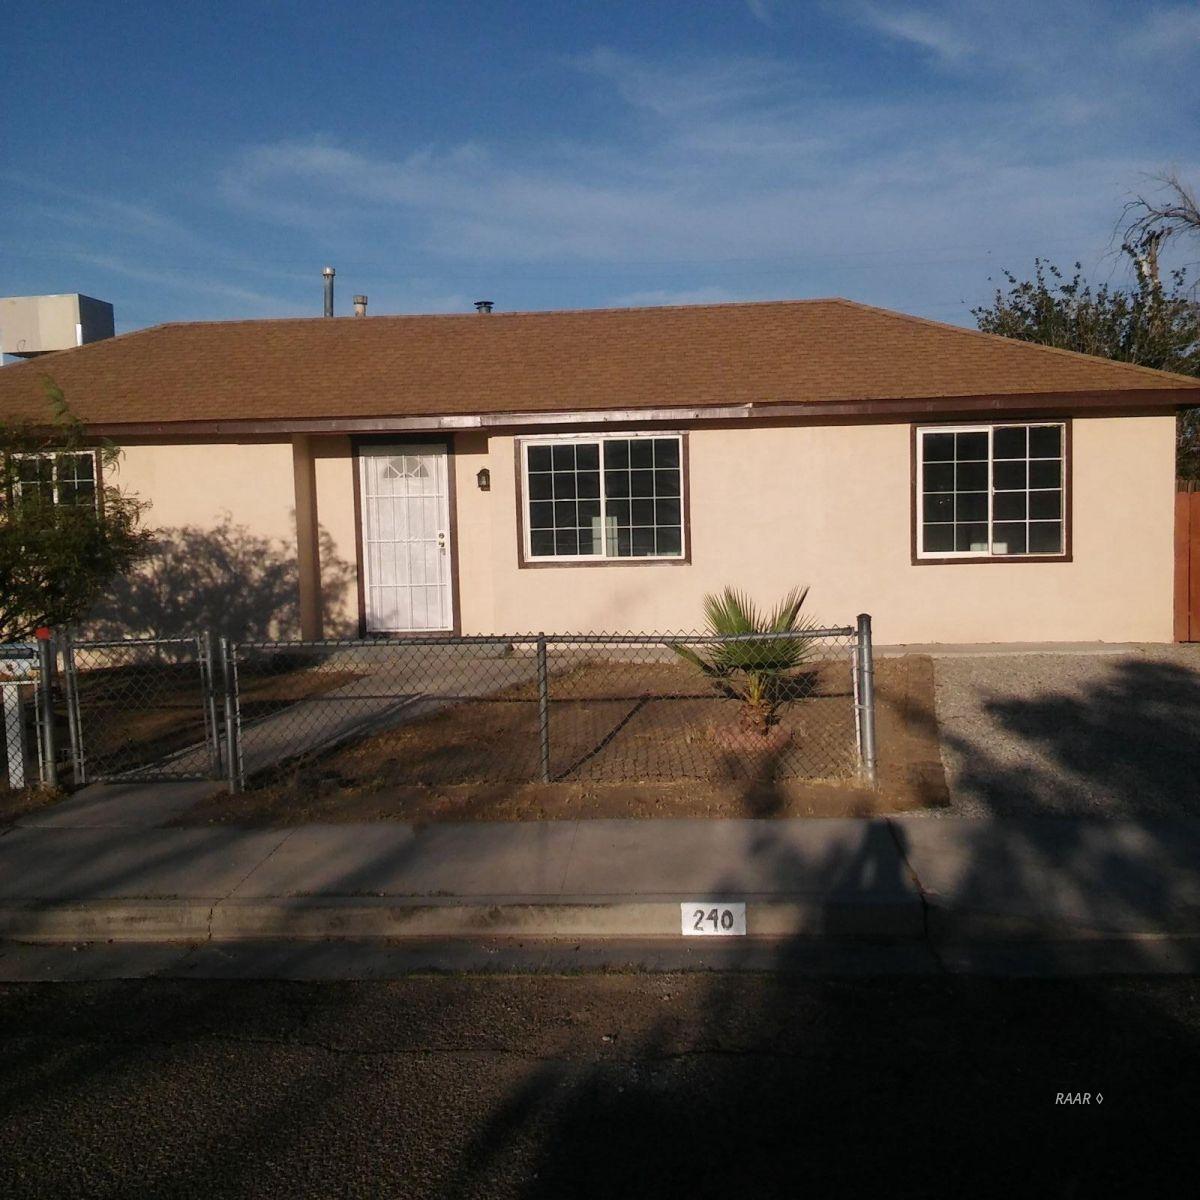 Photo for 240 N. Alvord ST, Ridgecrest, CA 93555 (MLS # 1956423)